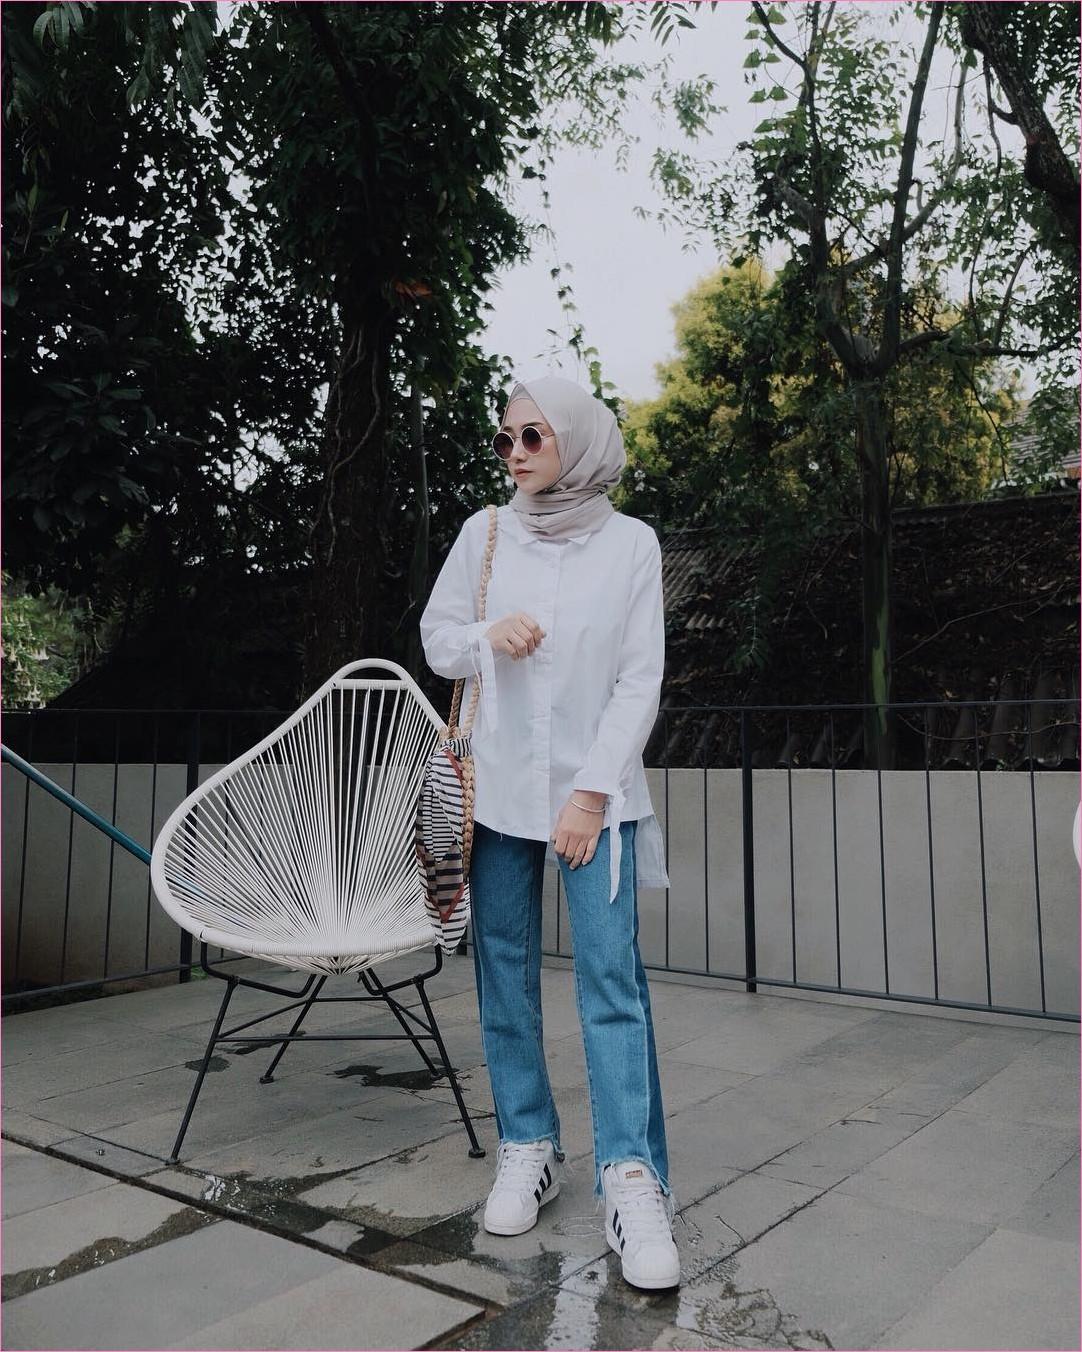 Outfit Untuk Remaja Berhijab Yang Mempunyai Tubuh Pendek Tapi Mau Kelihatan Tinggi t-shirt stripe coklat tua dan muda hijab pashmina diamond celana bahan jogger wedges high heels krem ciput rajut hitam slingbags rotan kacamata 2018 trendy ootd outfit selebgram